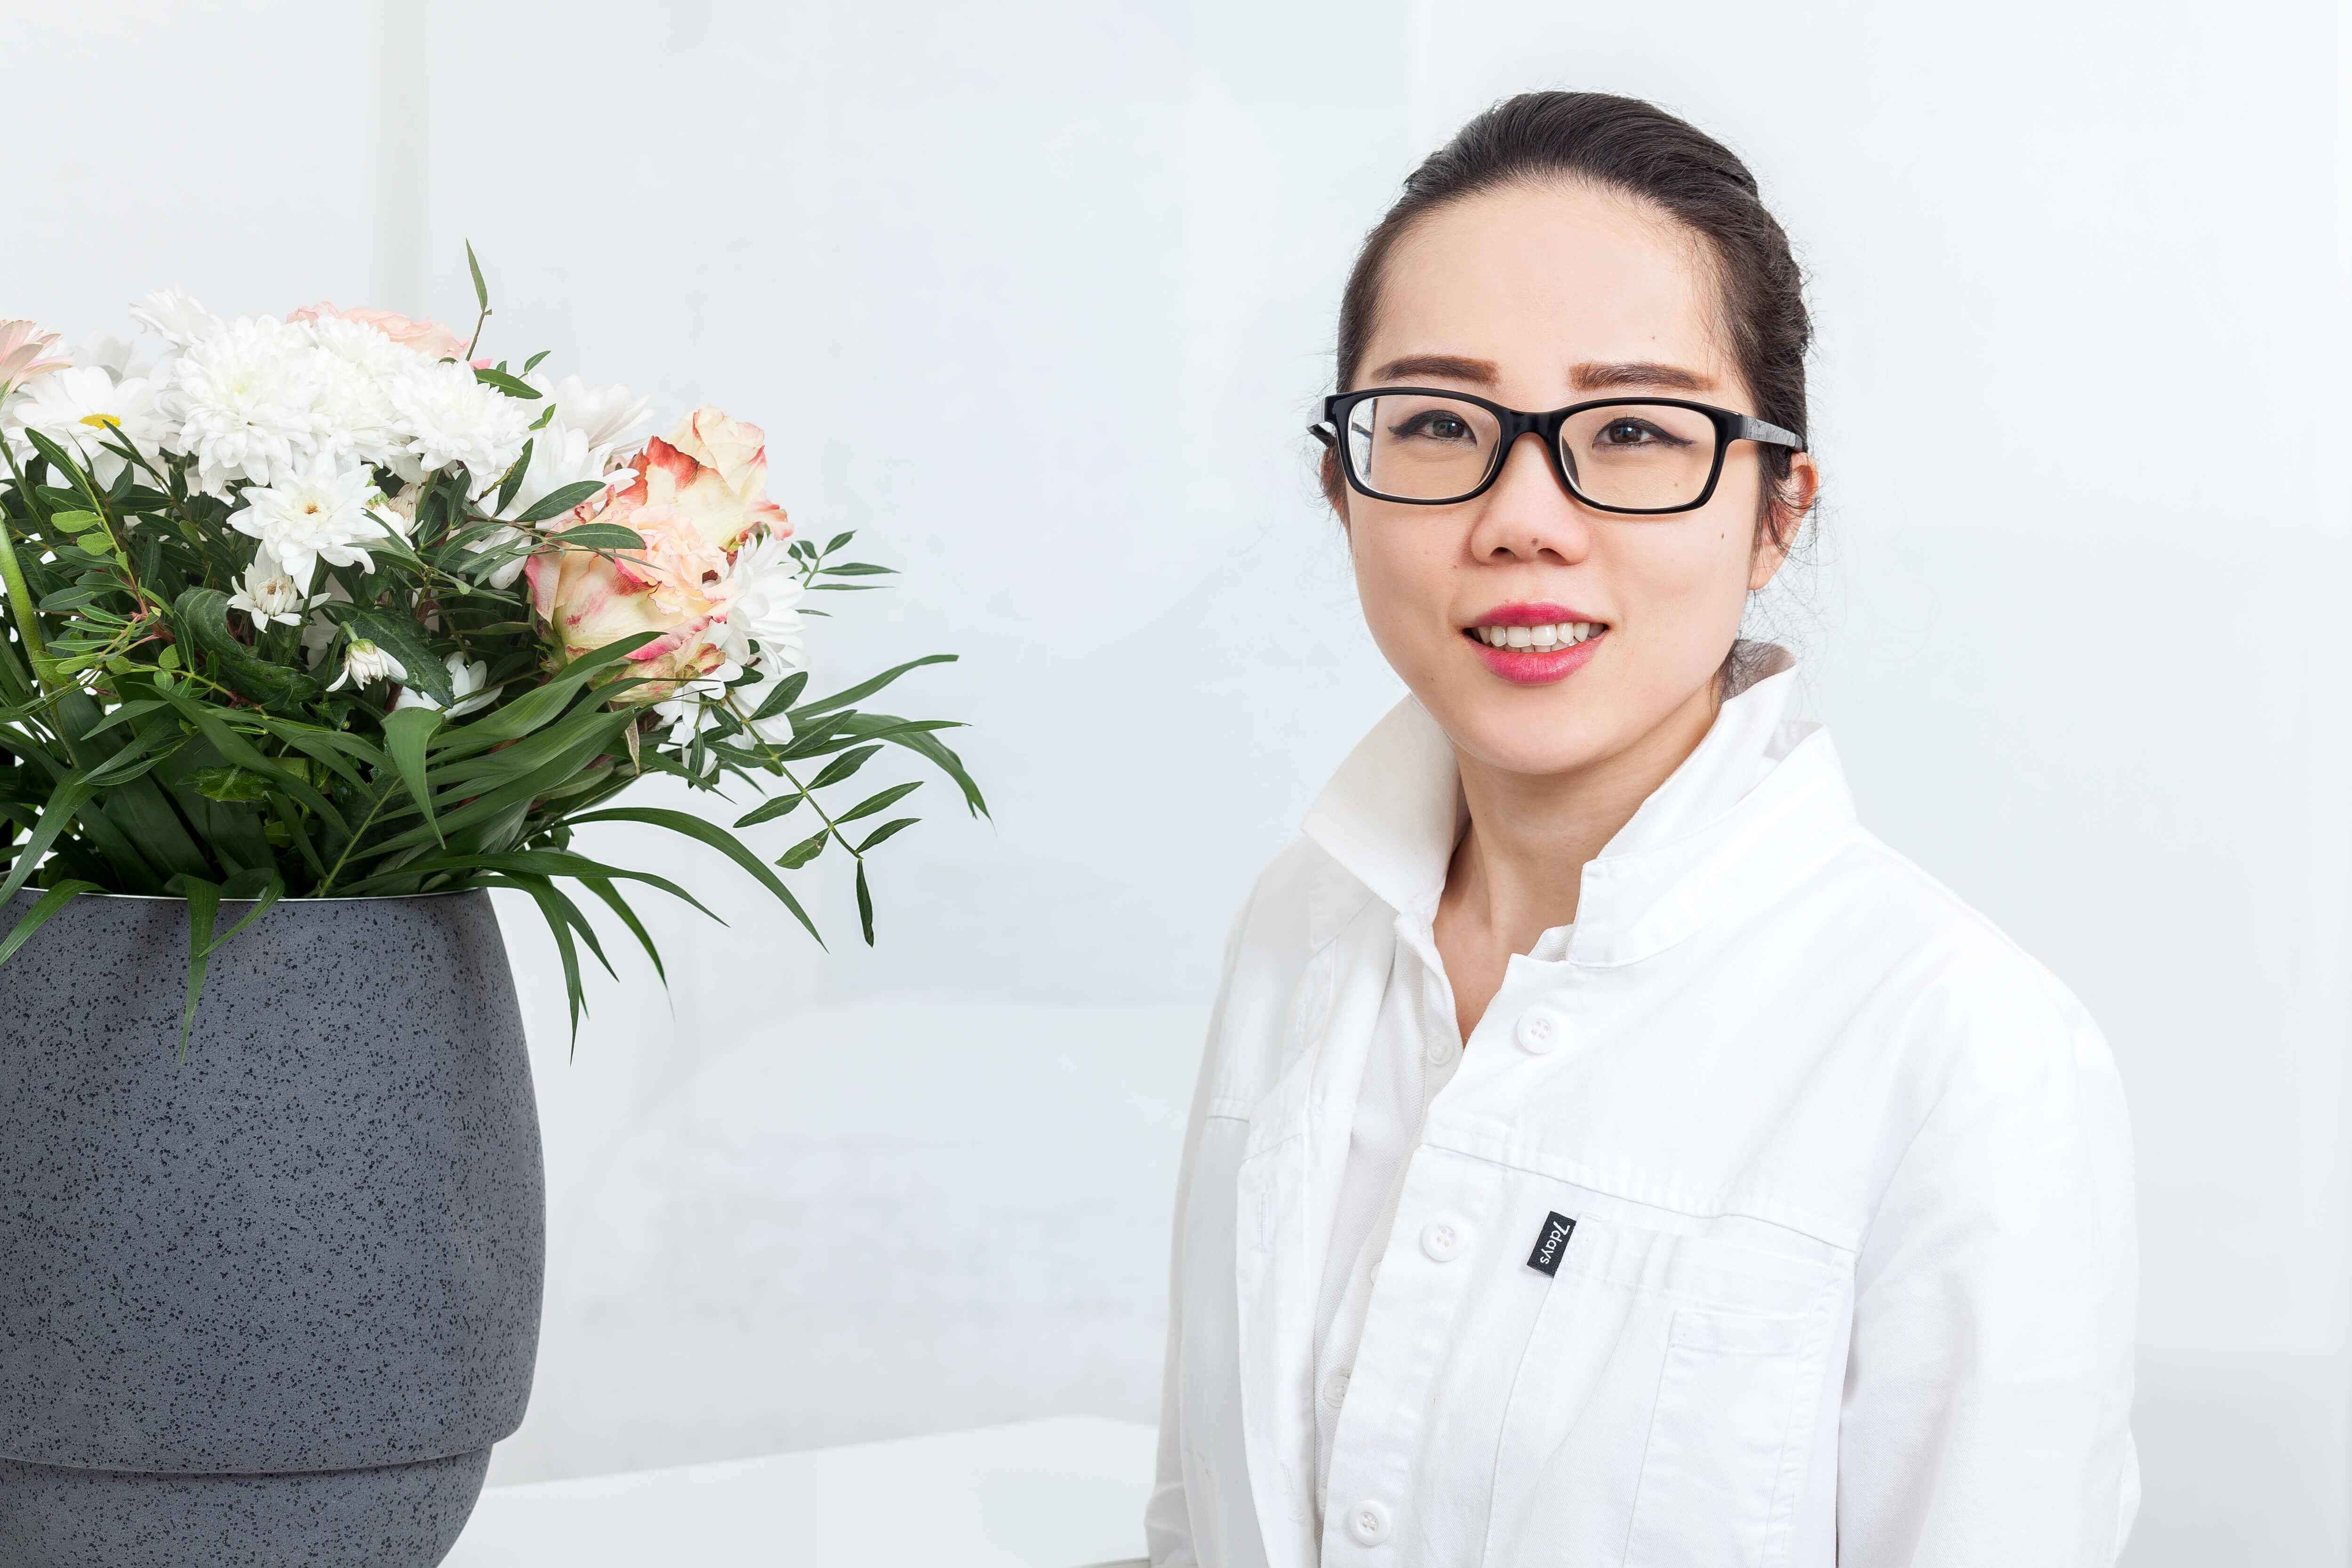 Zahnärztin Dr. Lin Foert